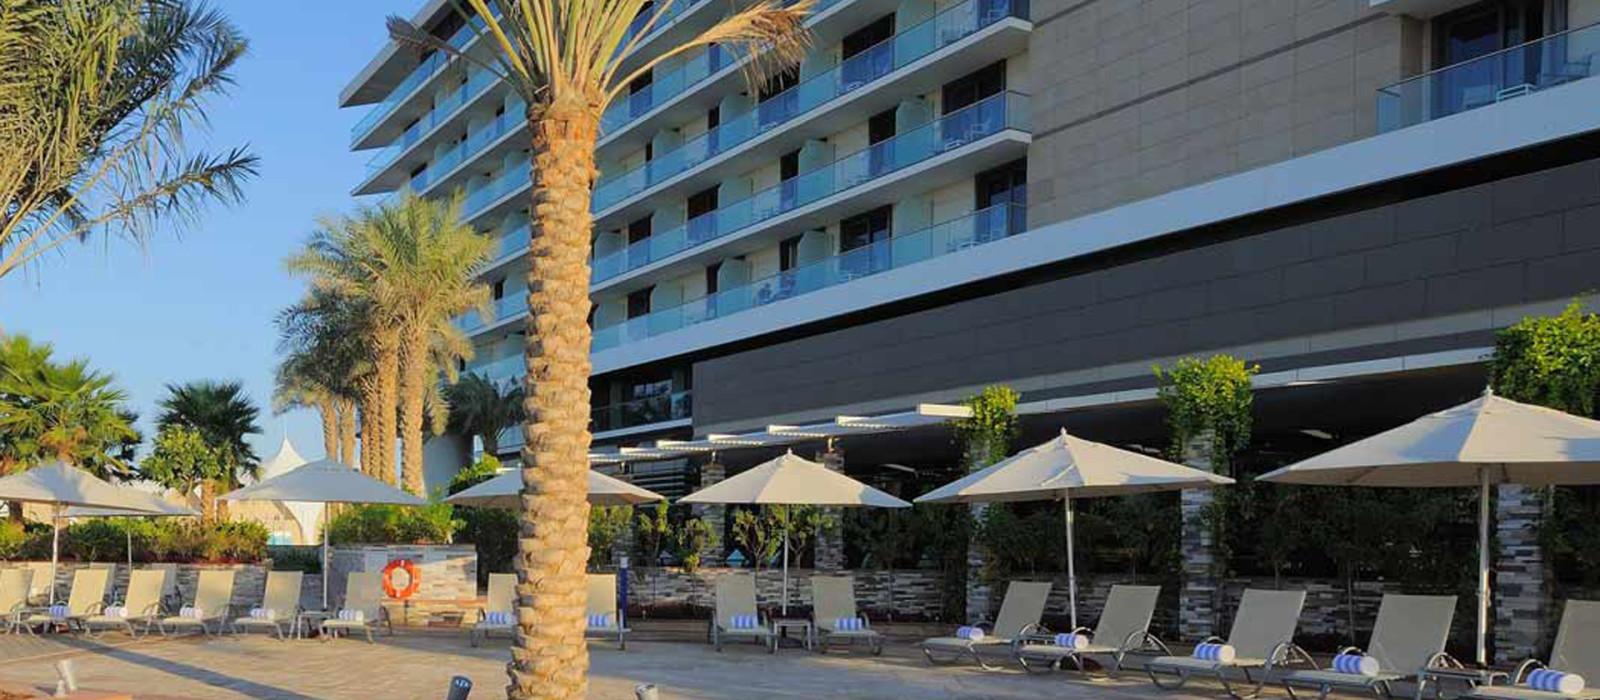 Hotel Park Inn by Radisson Abu Dhabi, Yas Island Vereinigte Arabische Emirate